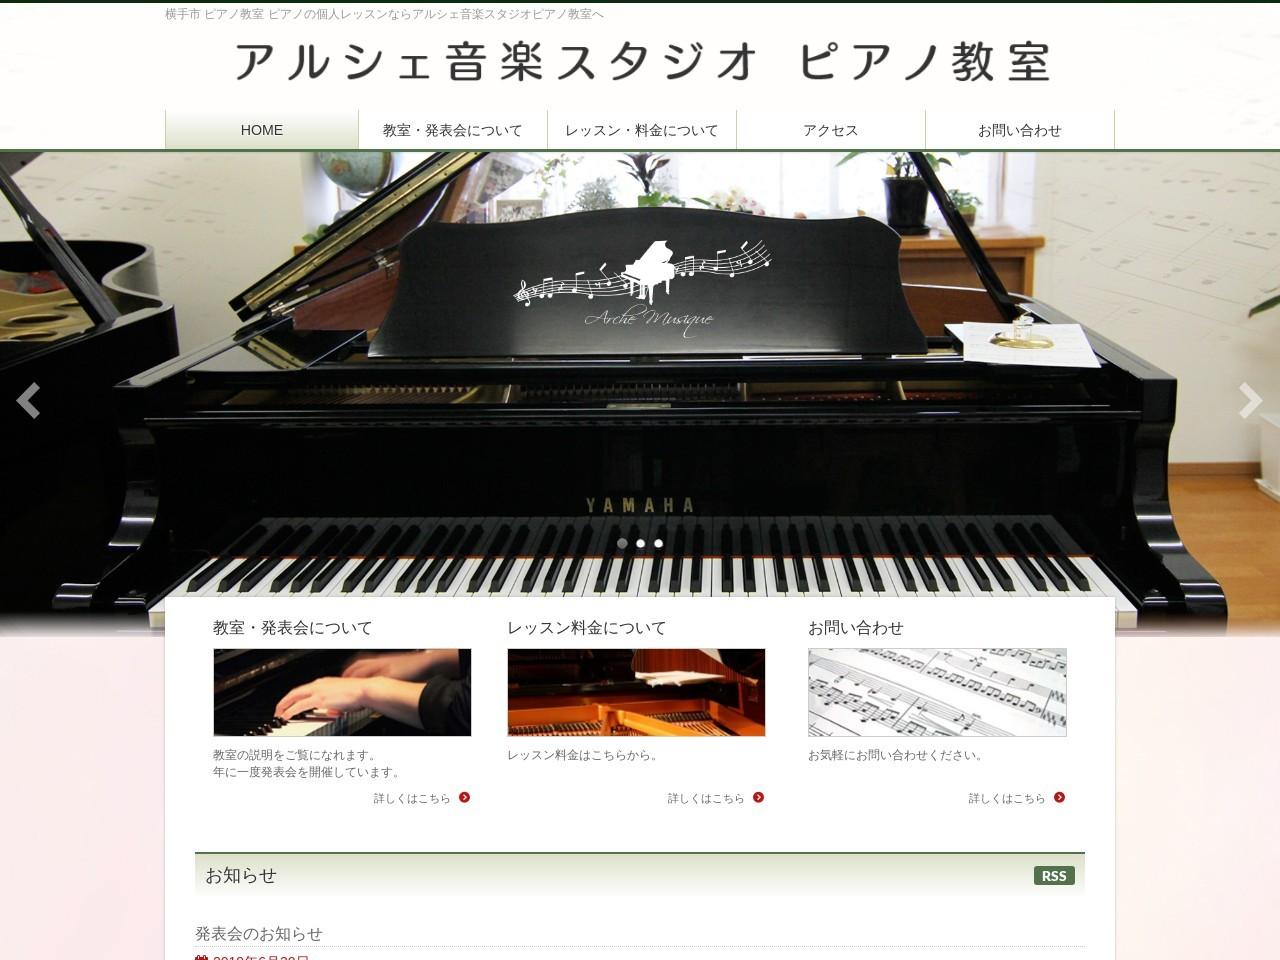 アルシェ音楽スタジオピアノ教室のサムネイル